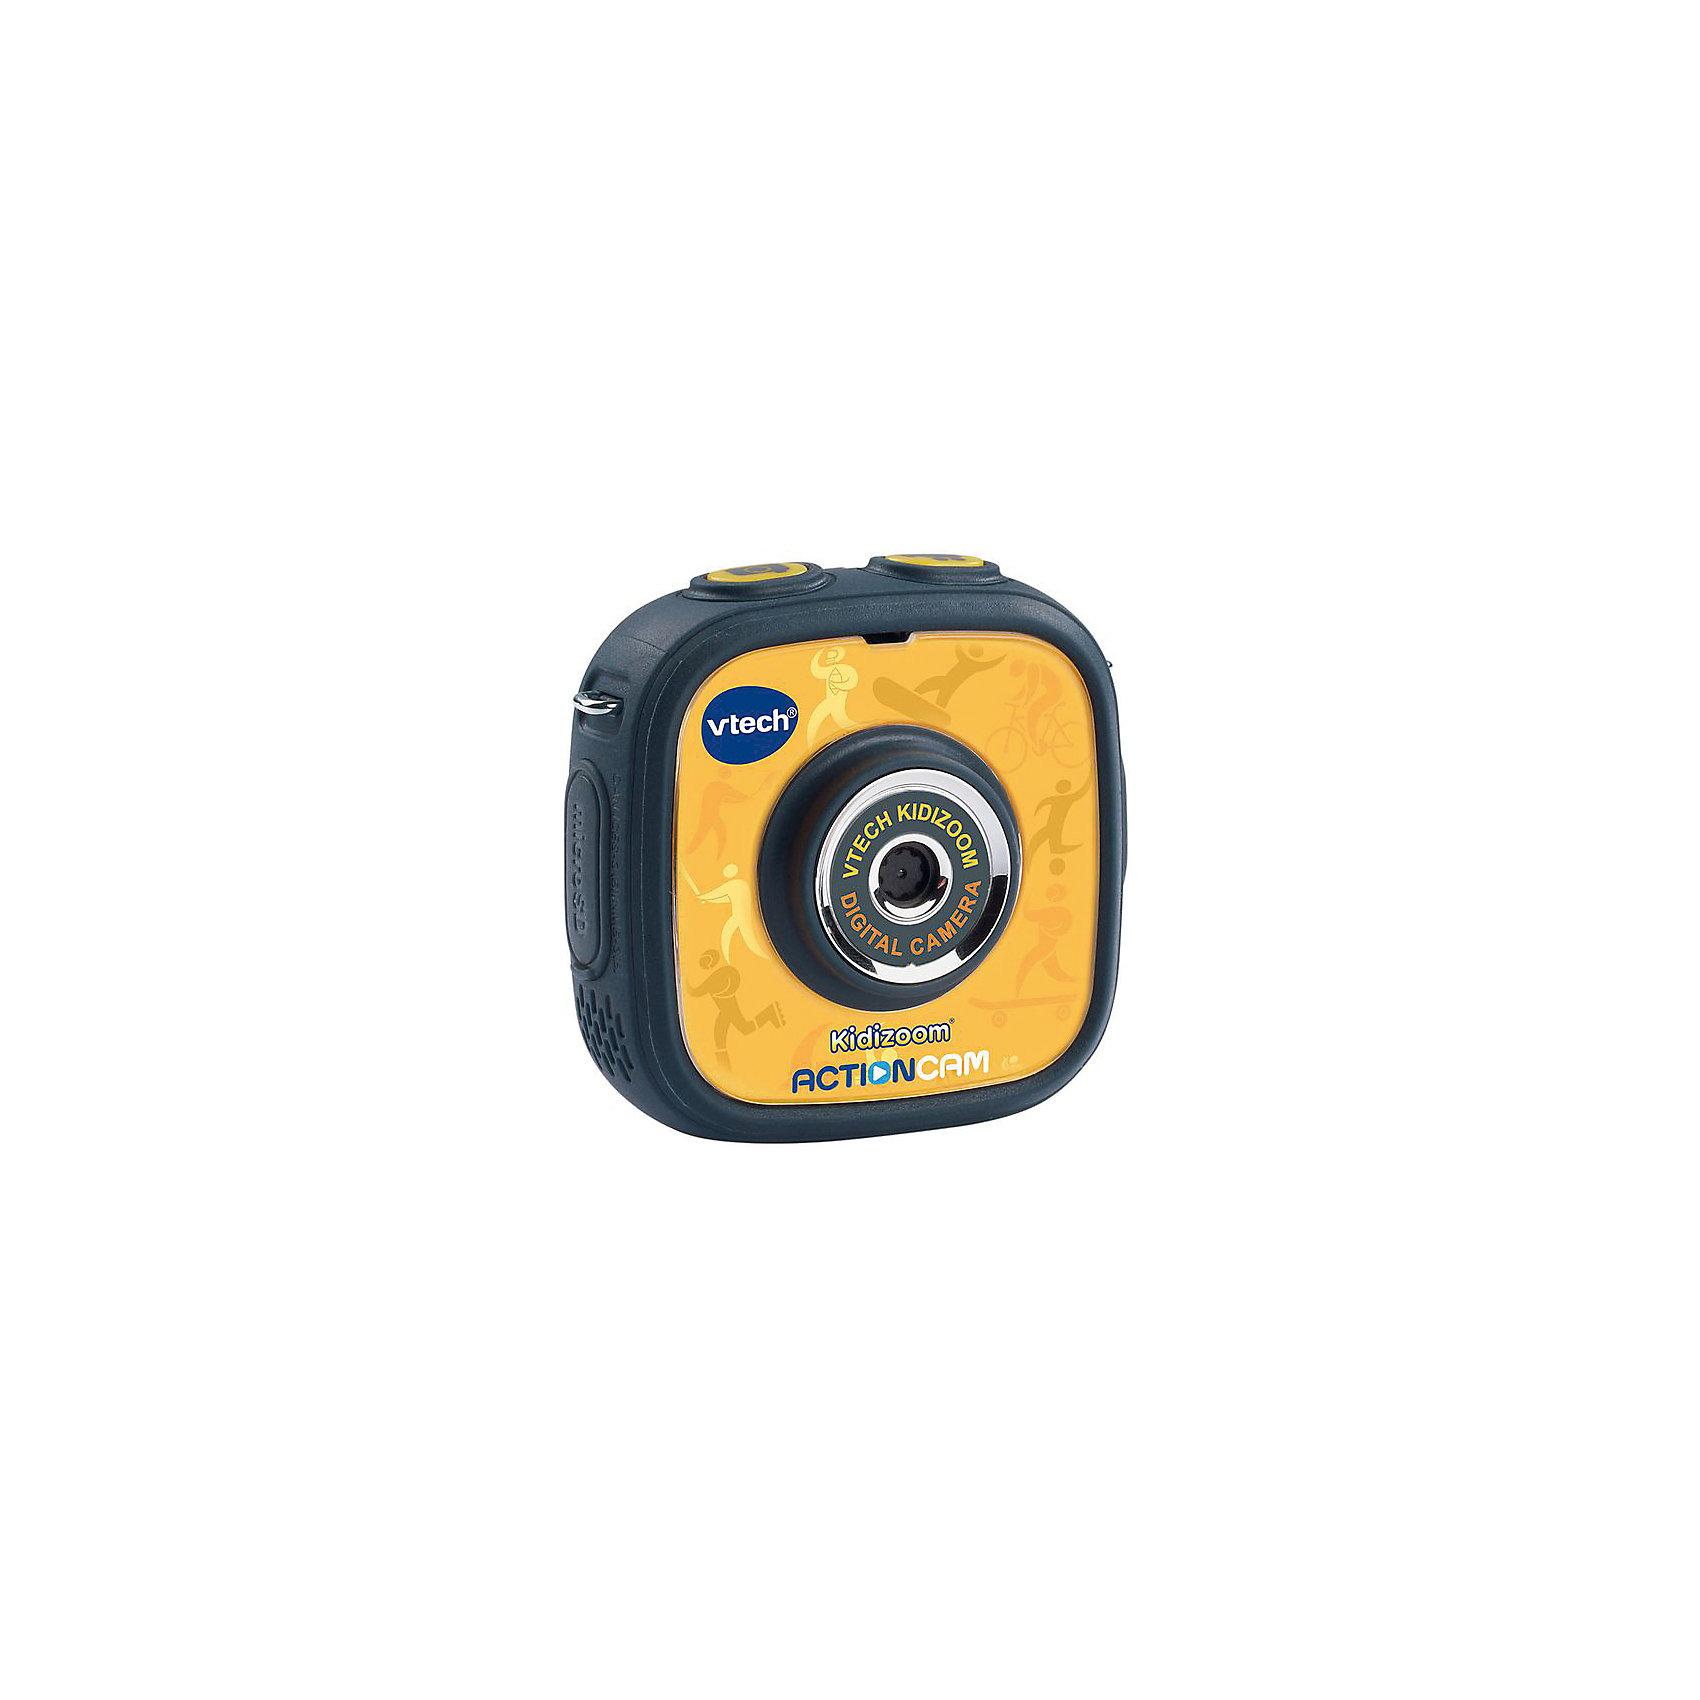 Цифровая камера Kidizoom Action Cam, VtechДетская электроника<br>Характеристики:<br><br>• Материал: пластик <br>• Комплектация: камера, держатель, крепление к велосипеду, насадка, клейкое плоское крепление, 2 двусторонние клейкие ленты,<br>micro-USB кабель, ремешок на запястье, инструкция<br>• Разрешение камеры: 0,3 Мп<br>• Водонепроницаемый корпус<br>• Съемки под водой на глубине до 1,5 м<br>• Анимационные эффекты<br>• Крепления для велосипеда, самоката, скейта<br>• 3 встроенные игры<br>• Объем памяти устройства: 128 МБ (на 600 фото)<br>• Размеры (Д*Ш*В): 20*8*27 см<br>• Вес: 300 г<br>• Особенности ухода: допускается сухая чистка<br><br>Цифровая камера Kidizoom Action Cam, Vtech – это многофункциональный интерактивный гаджет от французского производителя, который является мировым лидером по выпуску электронных обучающих устройств и игрушек. Эта уникальная камера относится к последнему поколению обучающих электронных устройств для детей. <br><br>Многофункциональное устройство включает в себя множество полезных и необходимых функций, которые позволят вашему ребенку осваивать современные технологии. Камера имеет компактный размер и легкий вес, в комплекте предусмотрено несколько типов крепления, благодаря чему ее можно брать с собой на велосипедные прогулки, в путешествия и экспедиции. <br><br>Большой объем памяти позволяет хранить до 600 снимков. Без подзарядки камера может непрерывно снимать видео в течение 2,5 часов. Различные встроенные функции позволят обрабатывать и оформлять изображения, создавать из них анимированные ролики.<br><br>Цифровую камеру Kidizoom Action Cam, Vtech можно купить в нашем интернет-магазине.<br><br>Ширина мм: 200<br>Глубина мм: 279<br>Высота мм: 78<br>Вес г: 1550<br>Возраст от месяцев: 48<br>Возраст до месяцев: 108<br>Пол: Унисекс<br>Возраст: Детский<br>SKU: 5471077